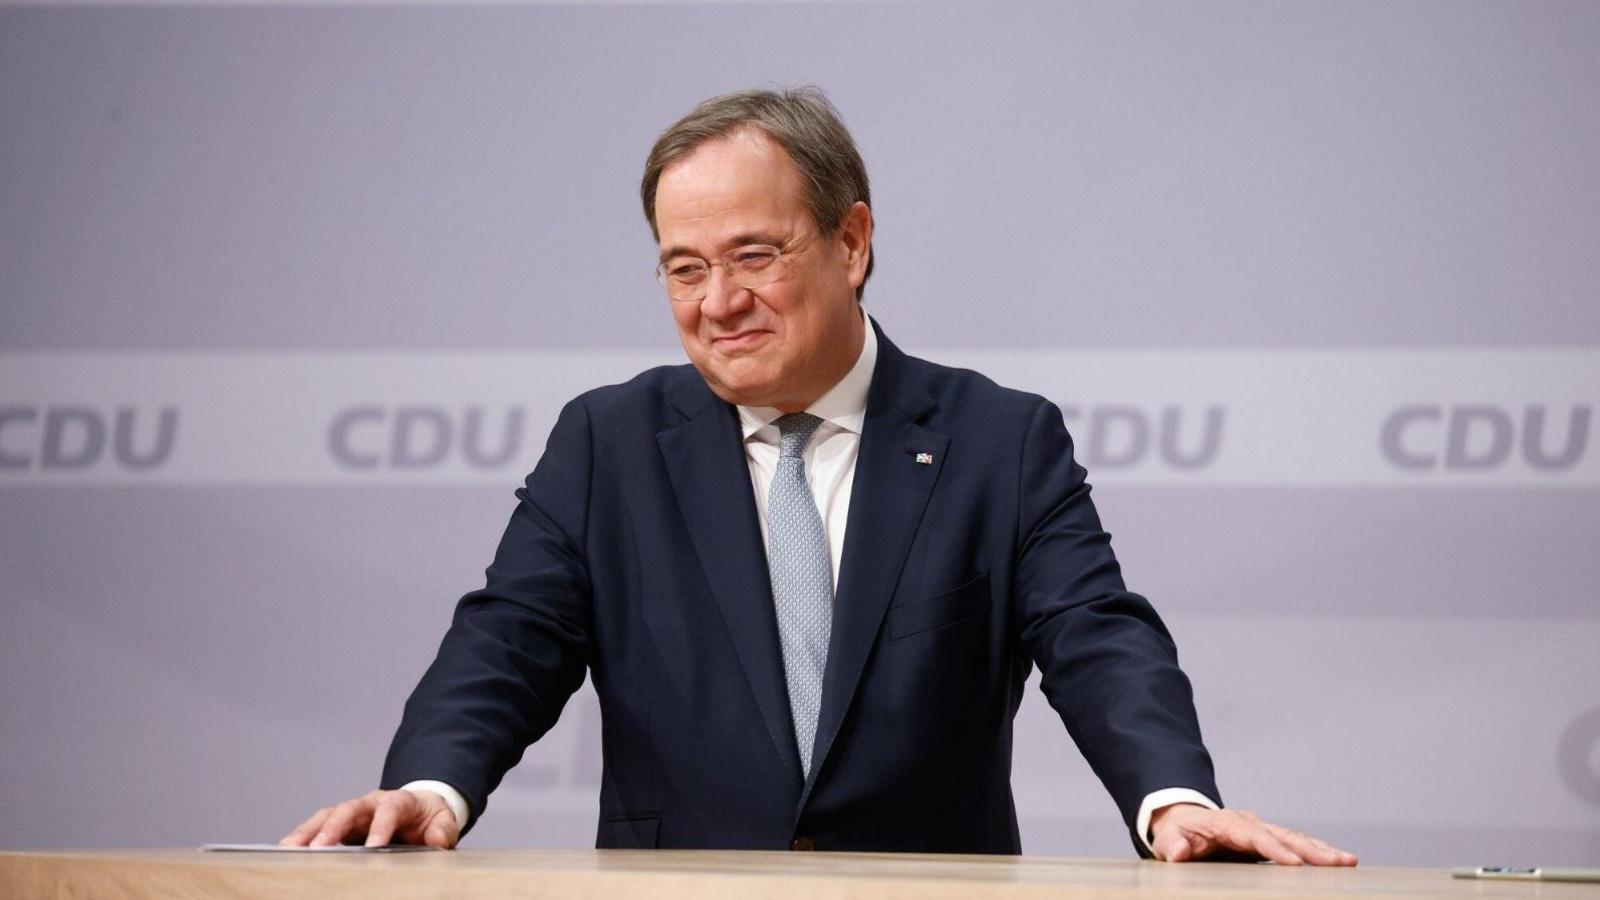 Der neue CDU-Vorsitzende Armin Laschet im Augenblick der Bekanntgabe des Ergebnisses